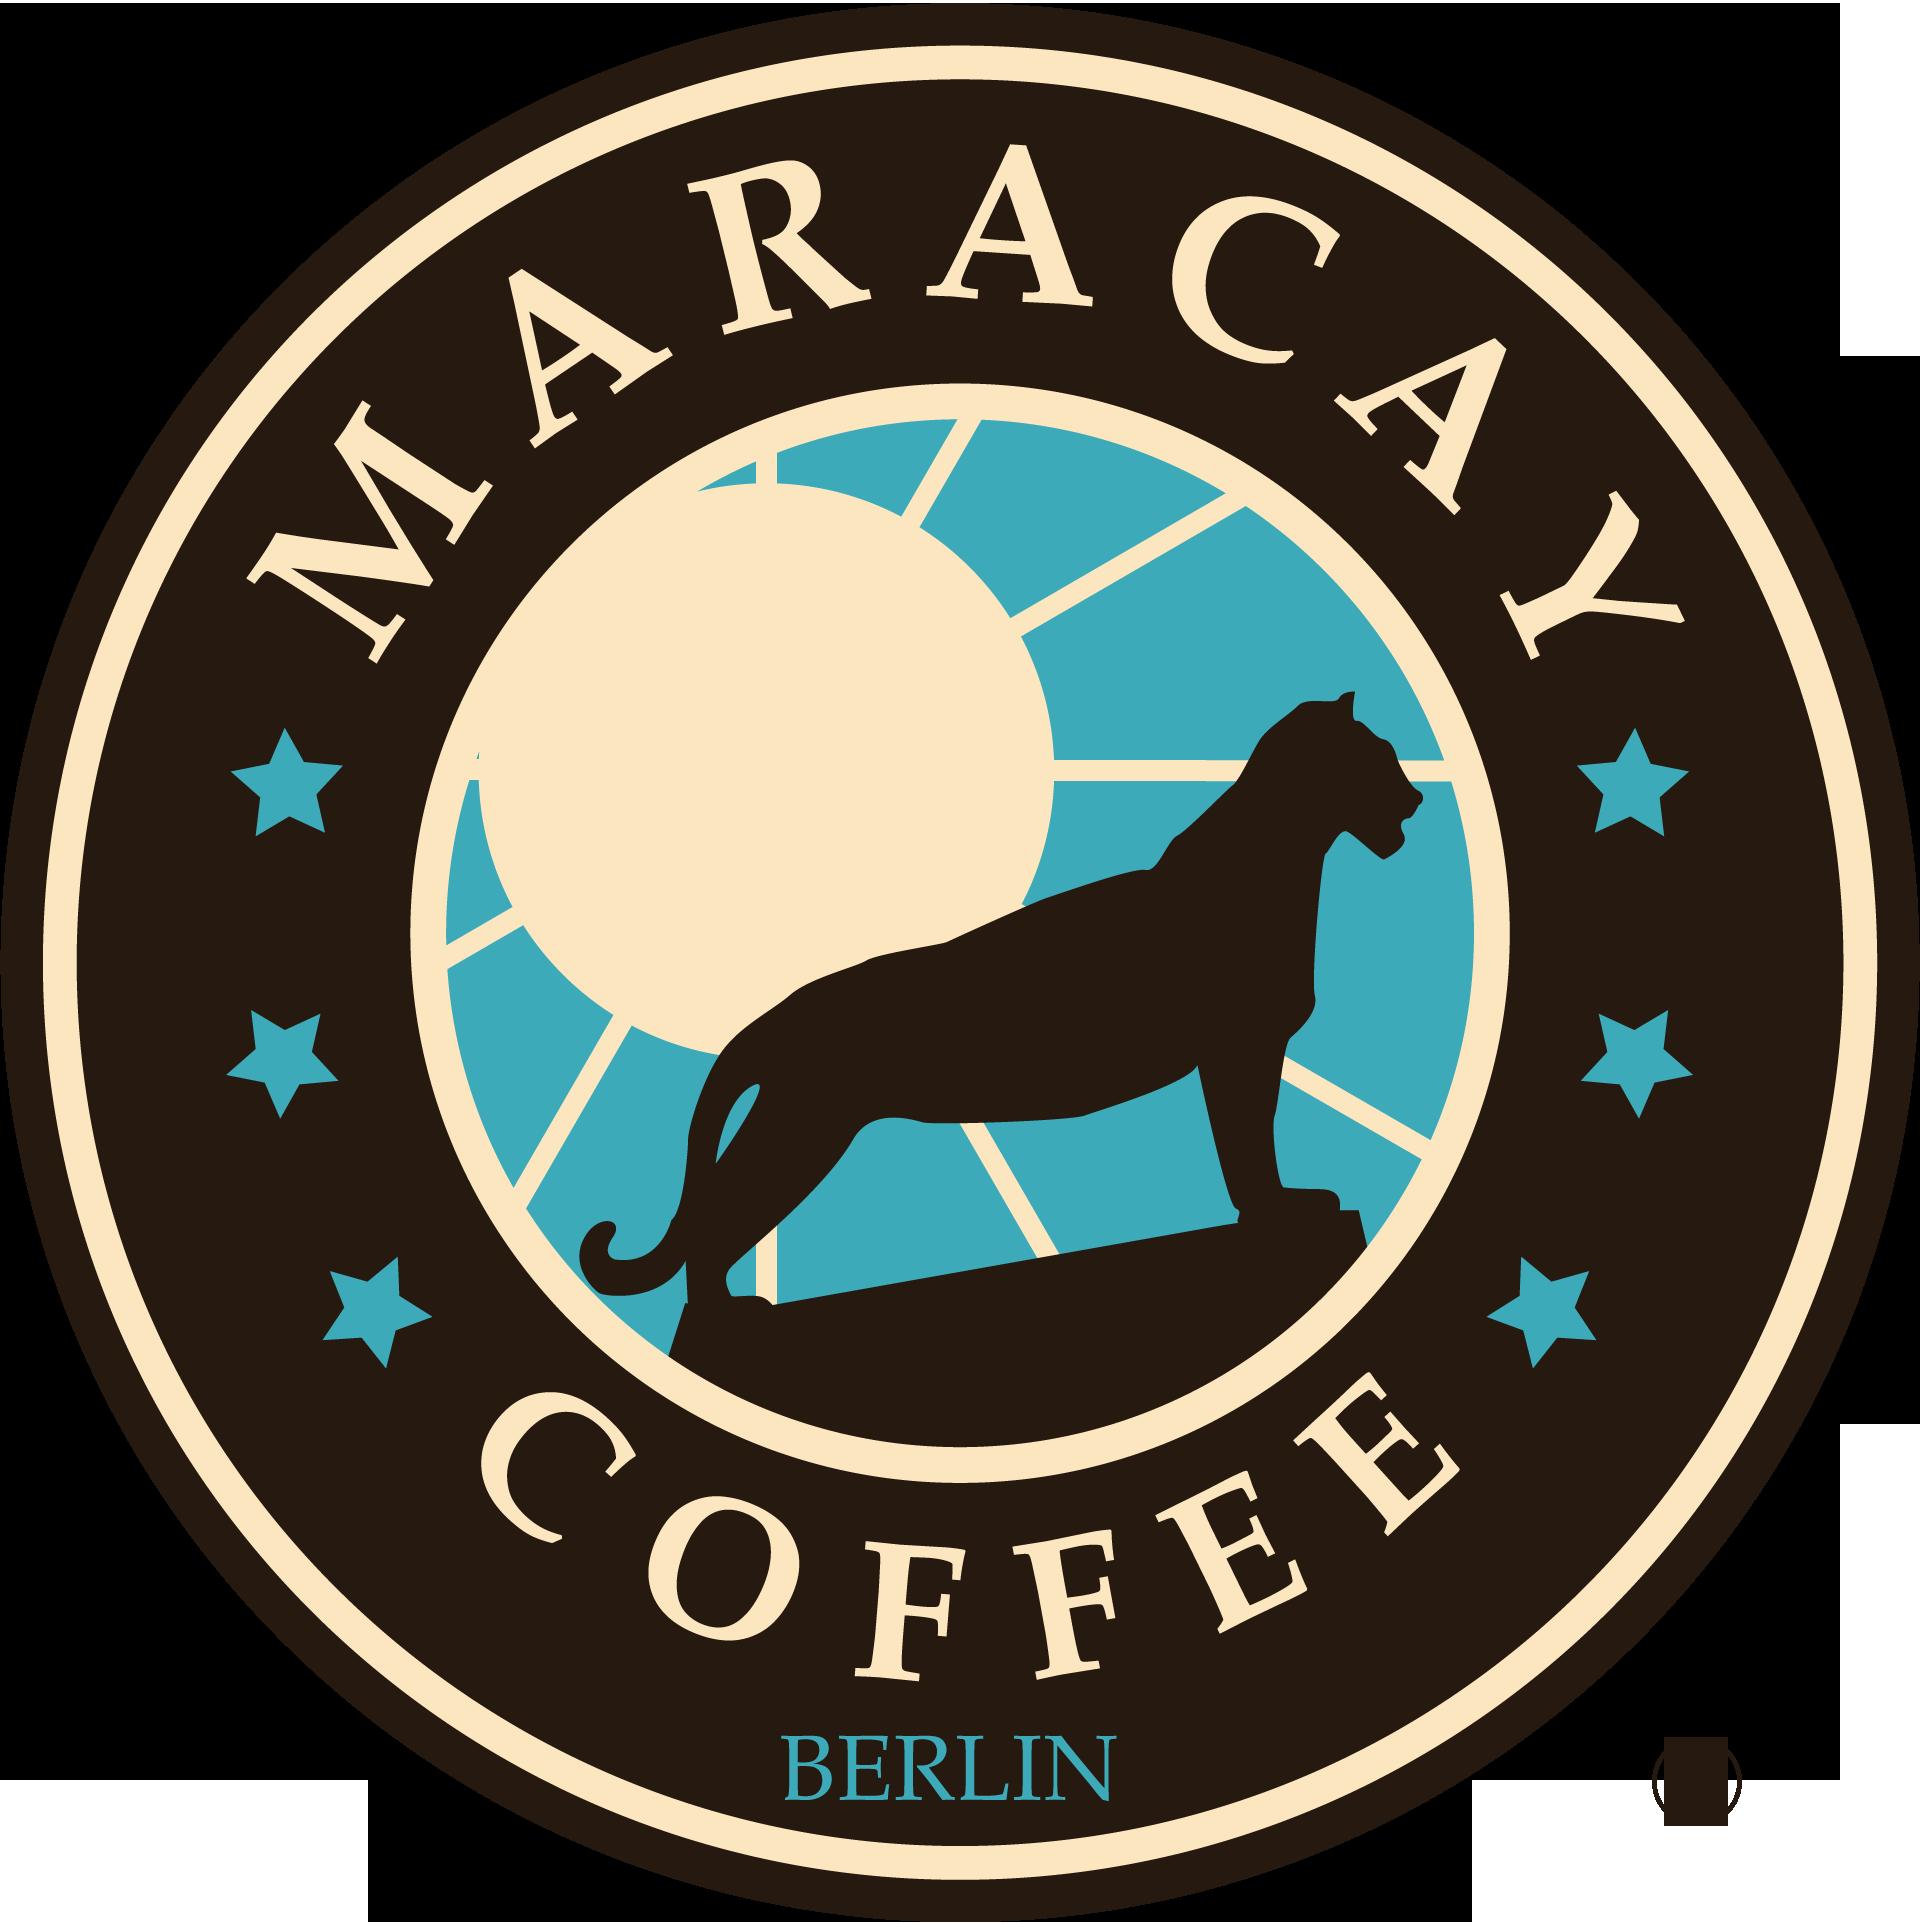 Maracay Coffee